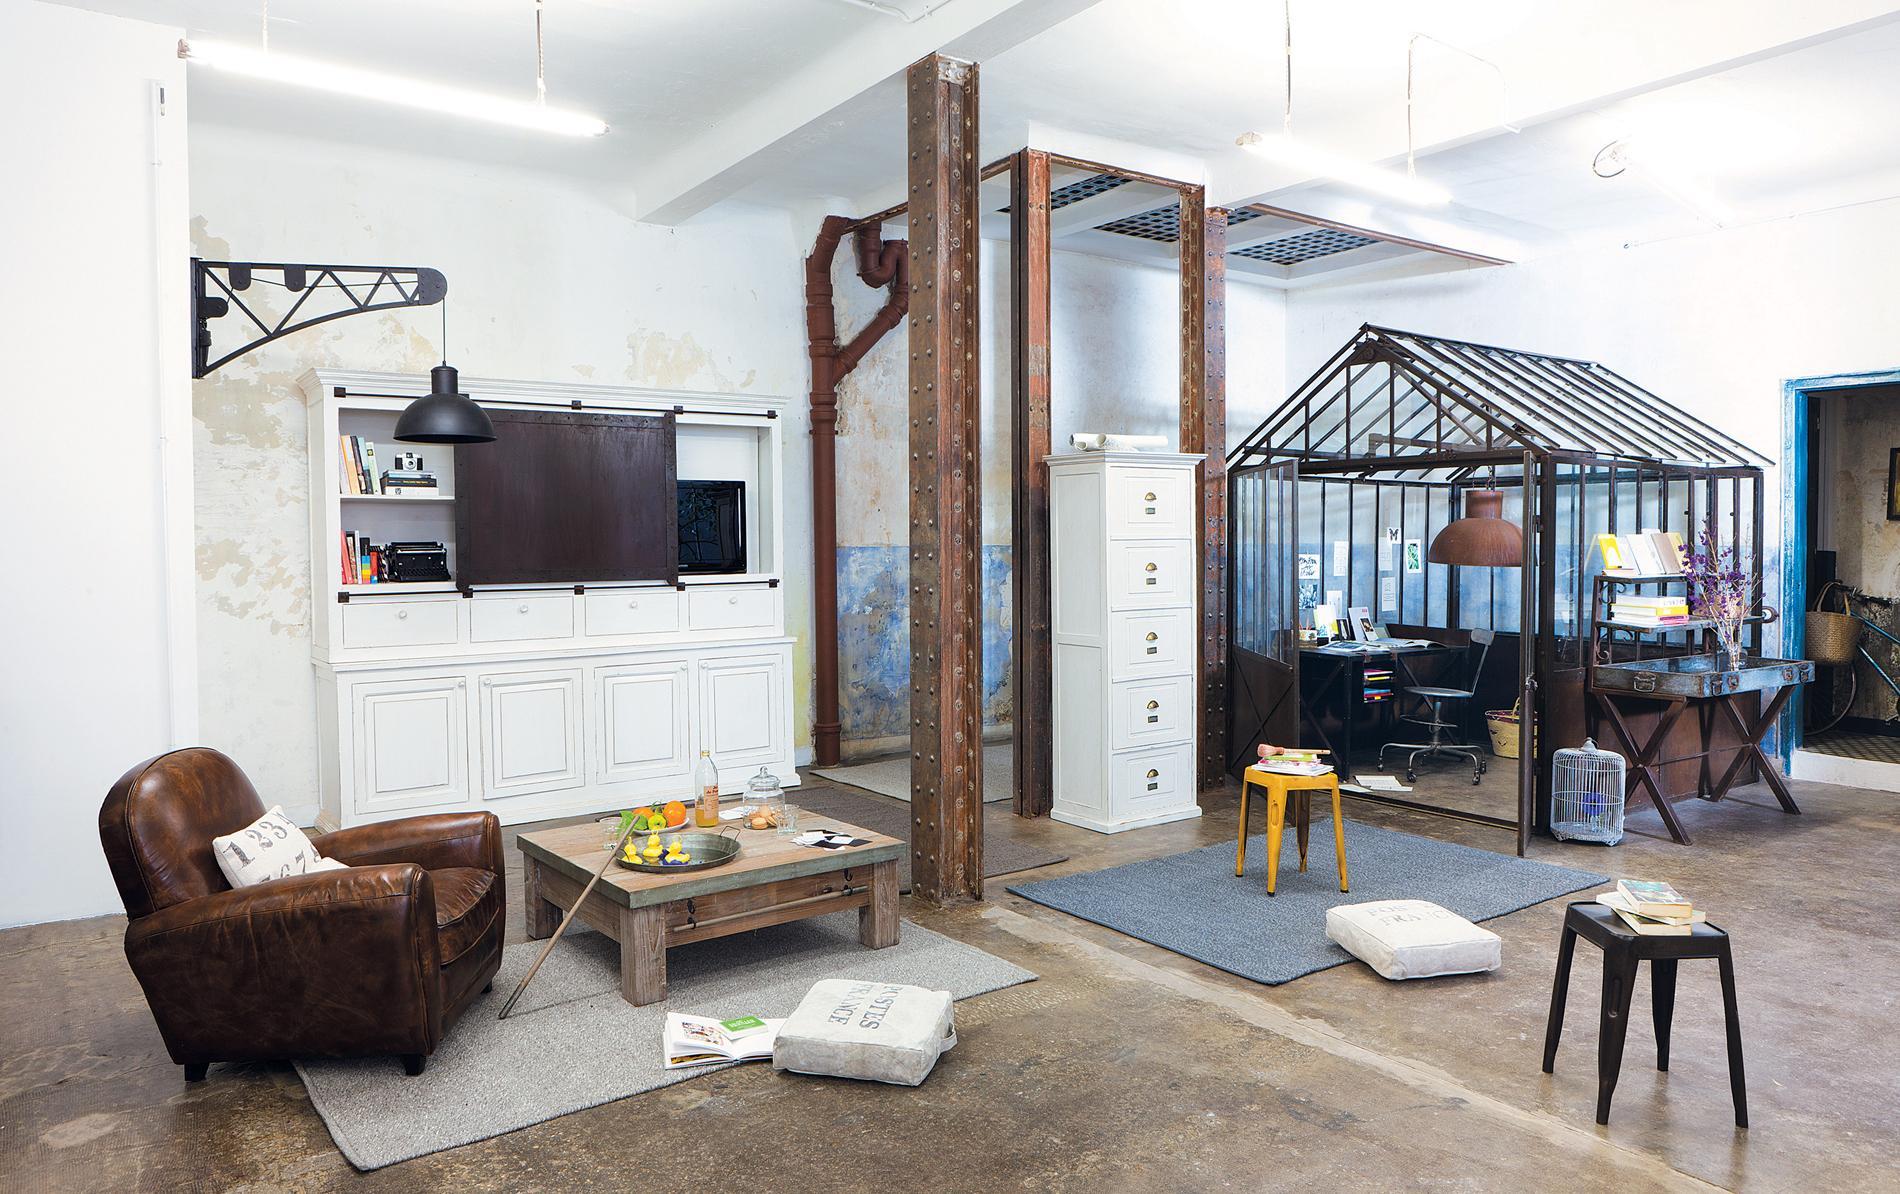 comment am nager un loft tout en gardant de l intimit madame figaro. Black Bedroom Furniture Sets. Home Design Ideas